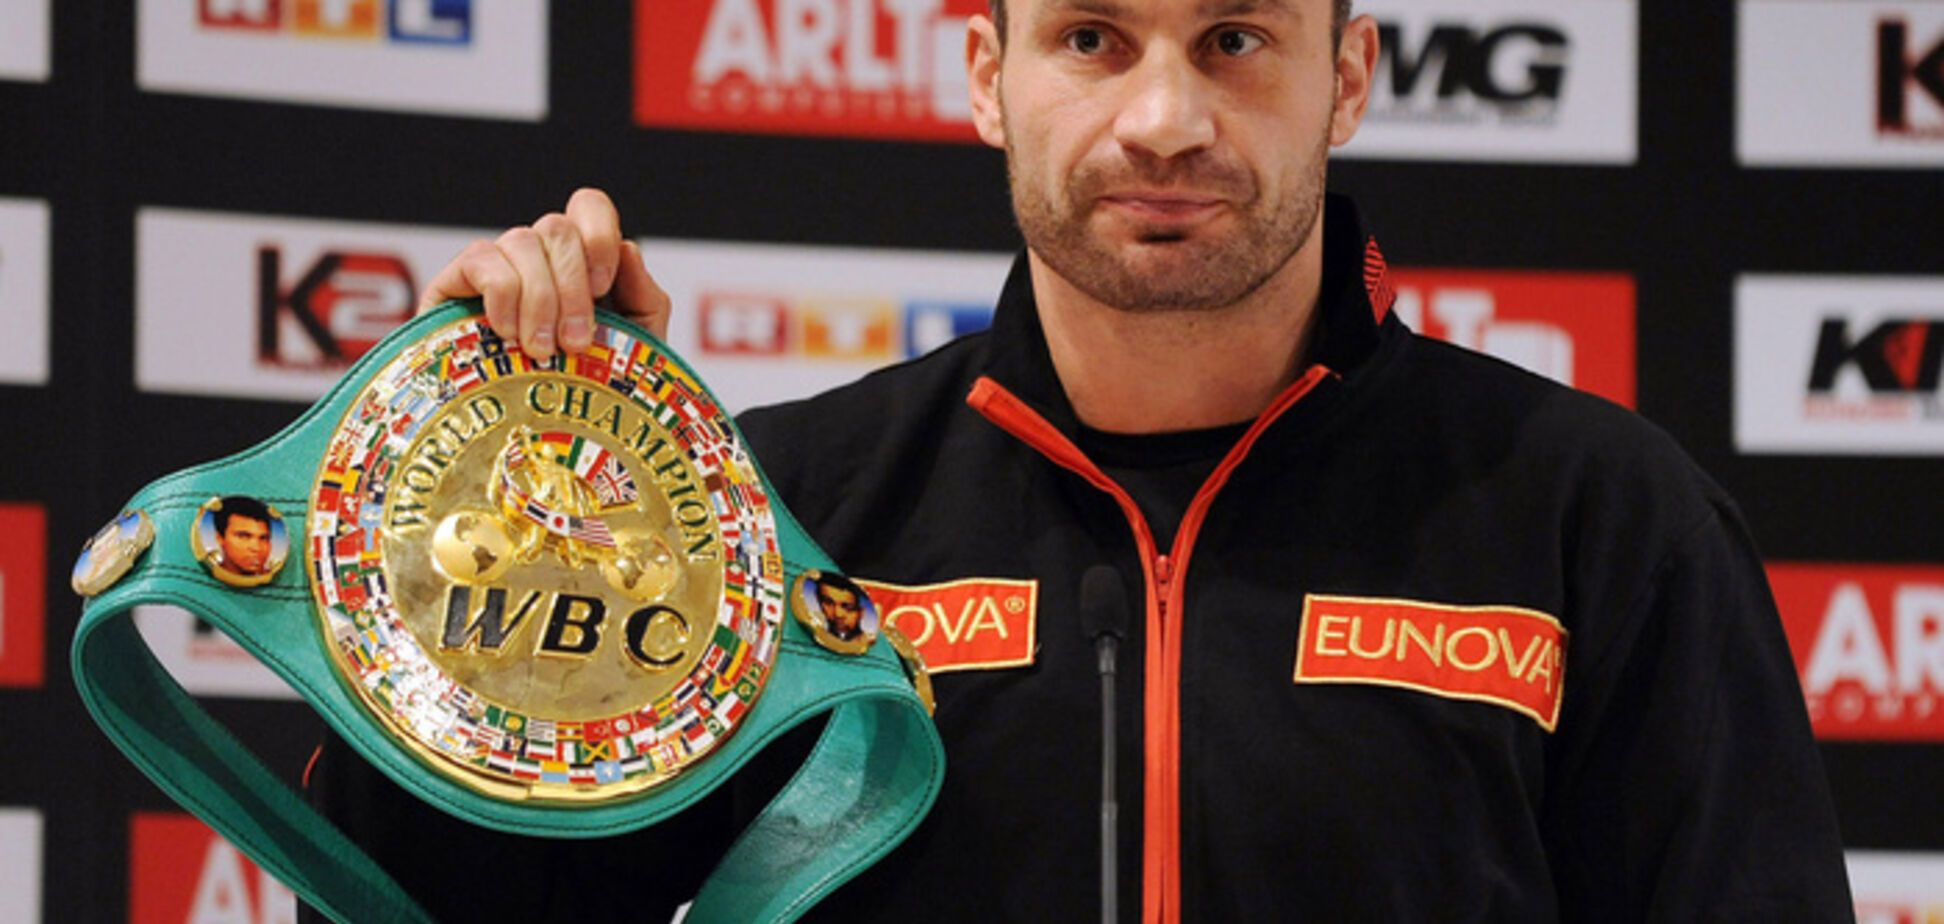 WBC оголосила про проведення у Києві супербою Кличко - Льюїс